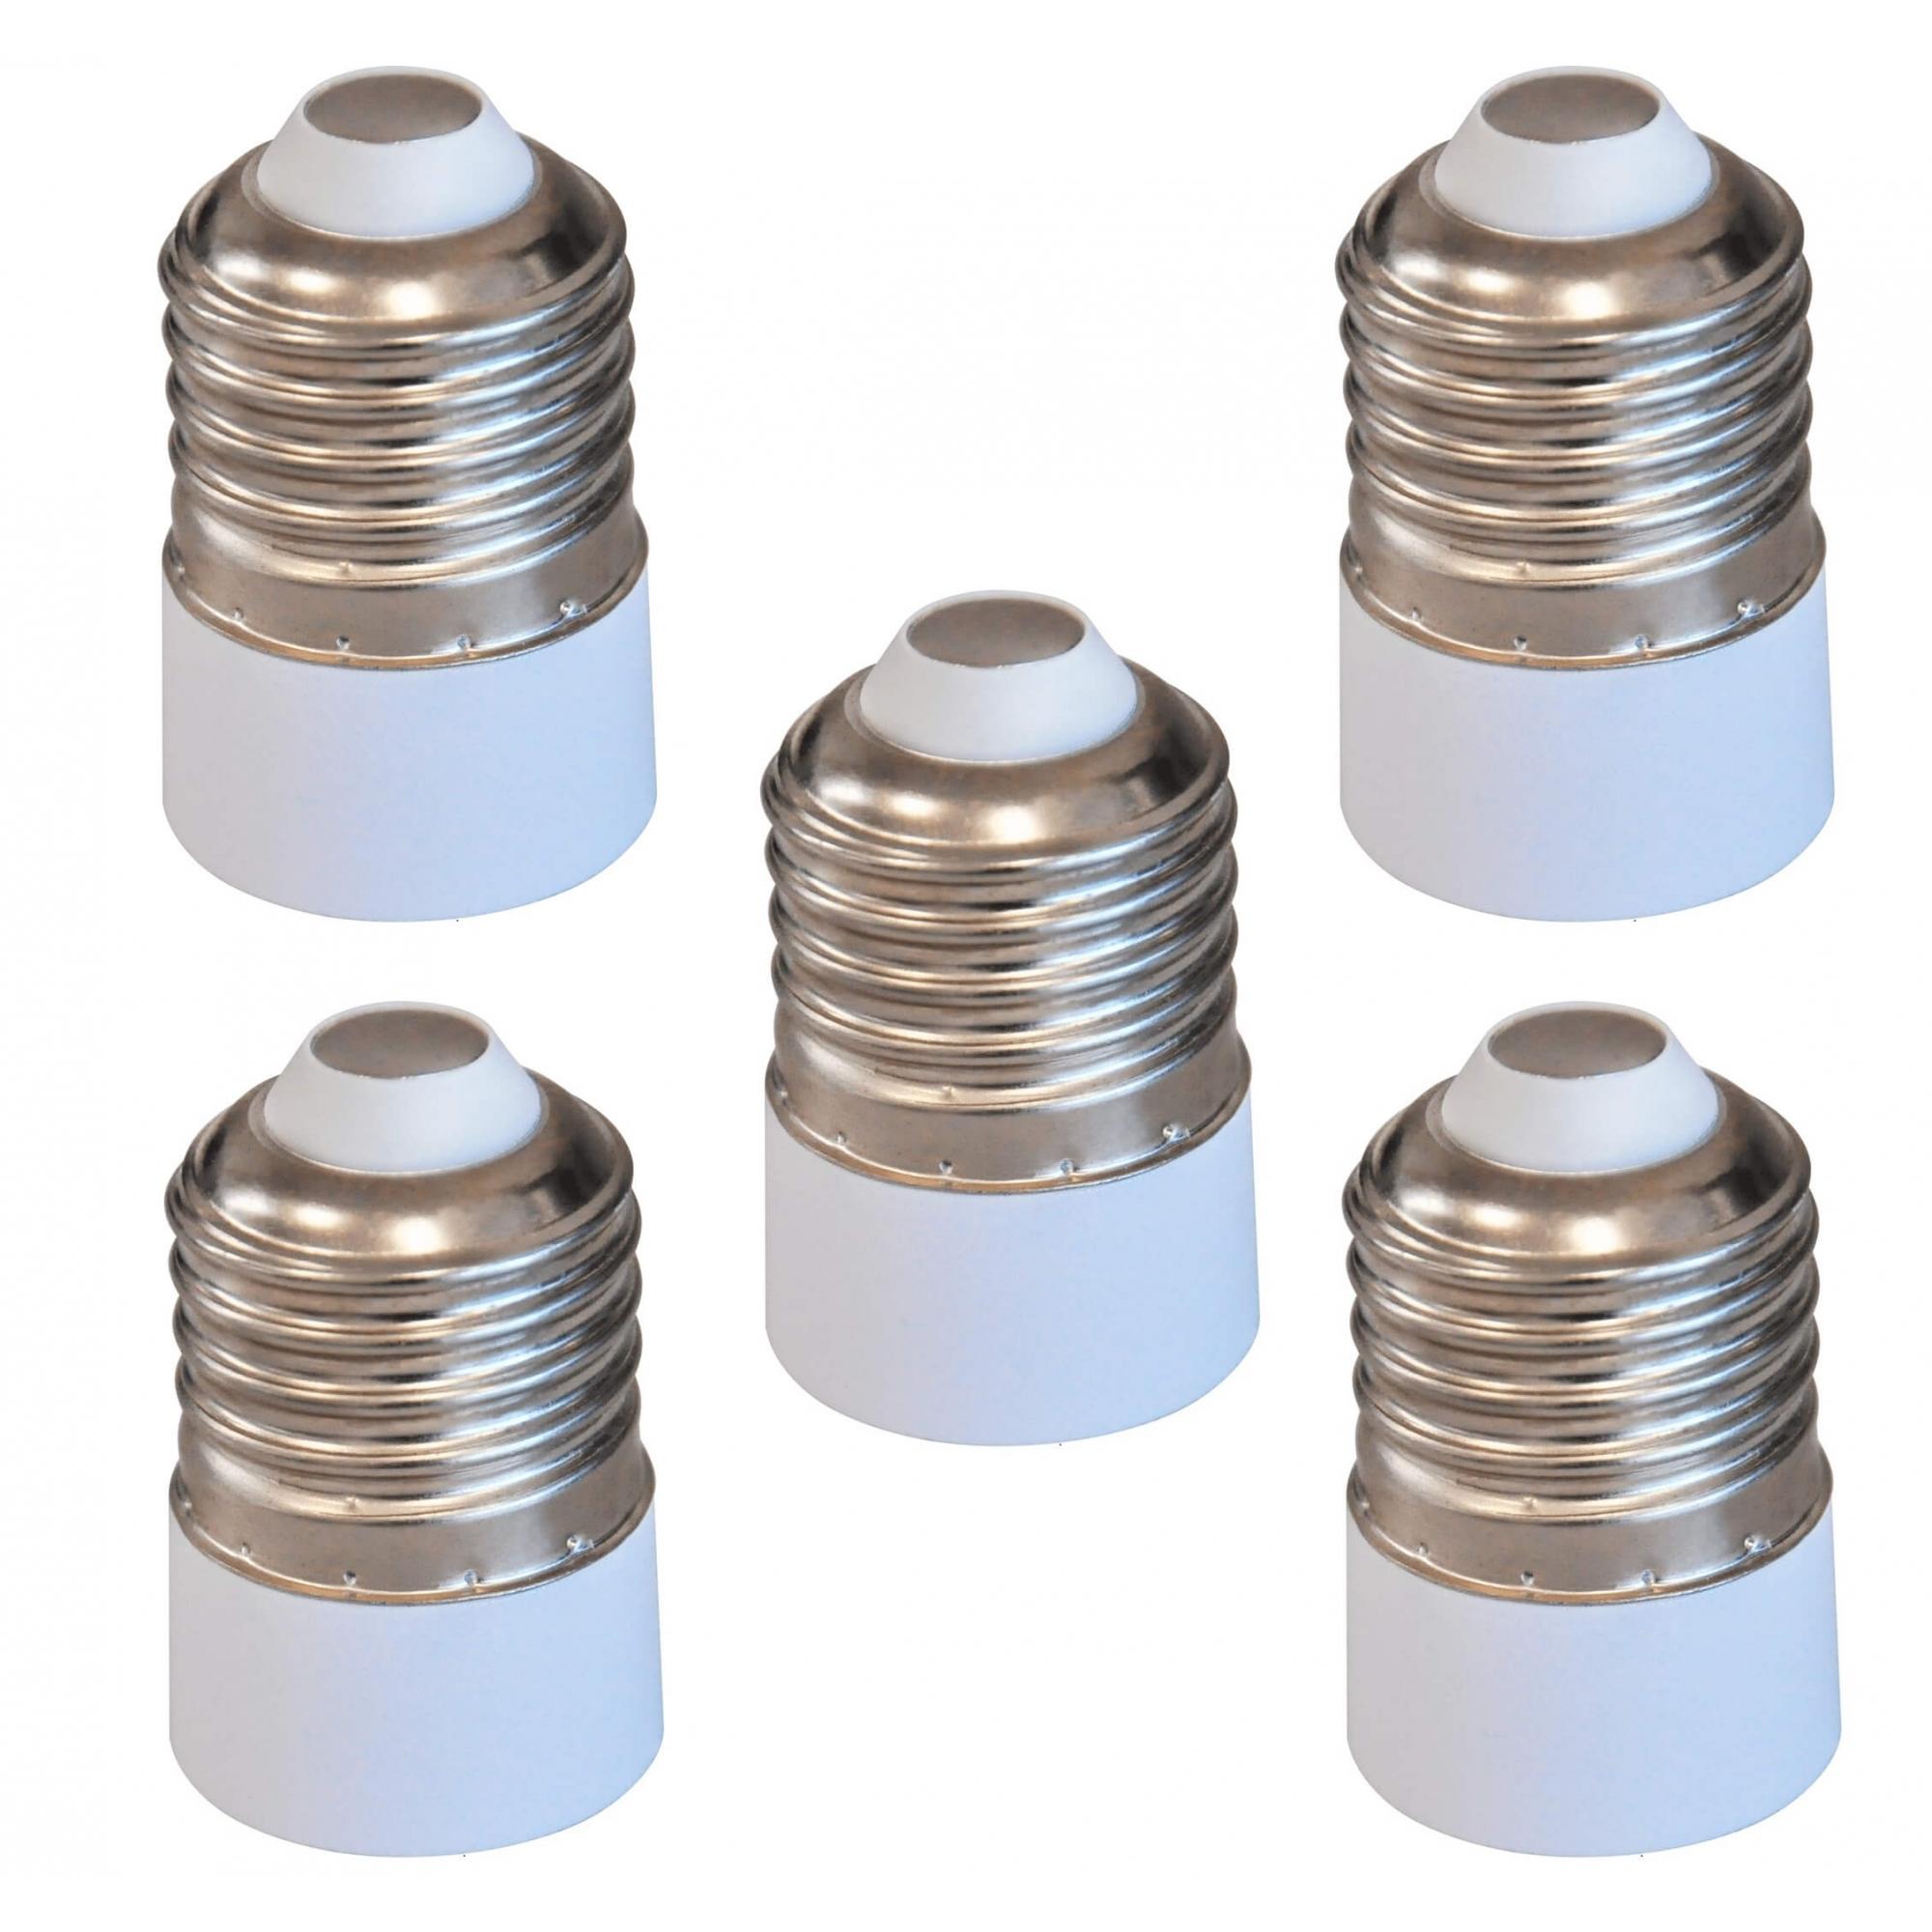 Kit 5 Adaptadores Soquete Bocal E27 Para E14